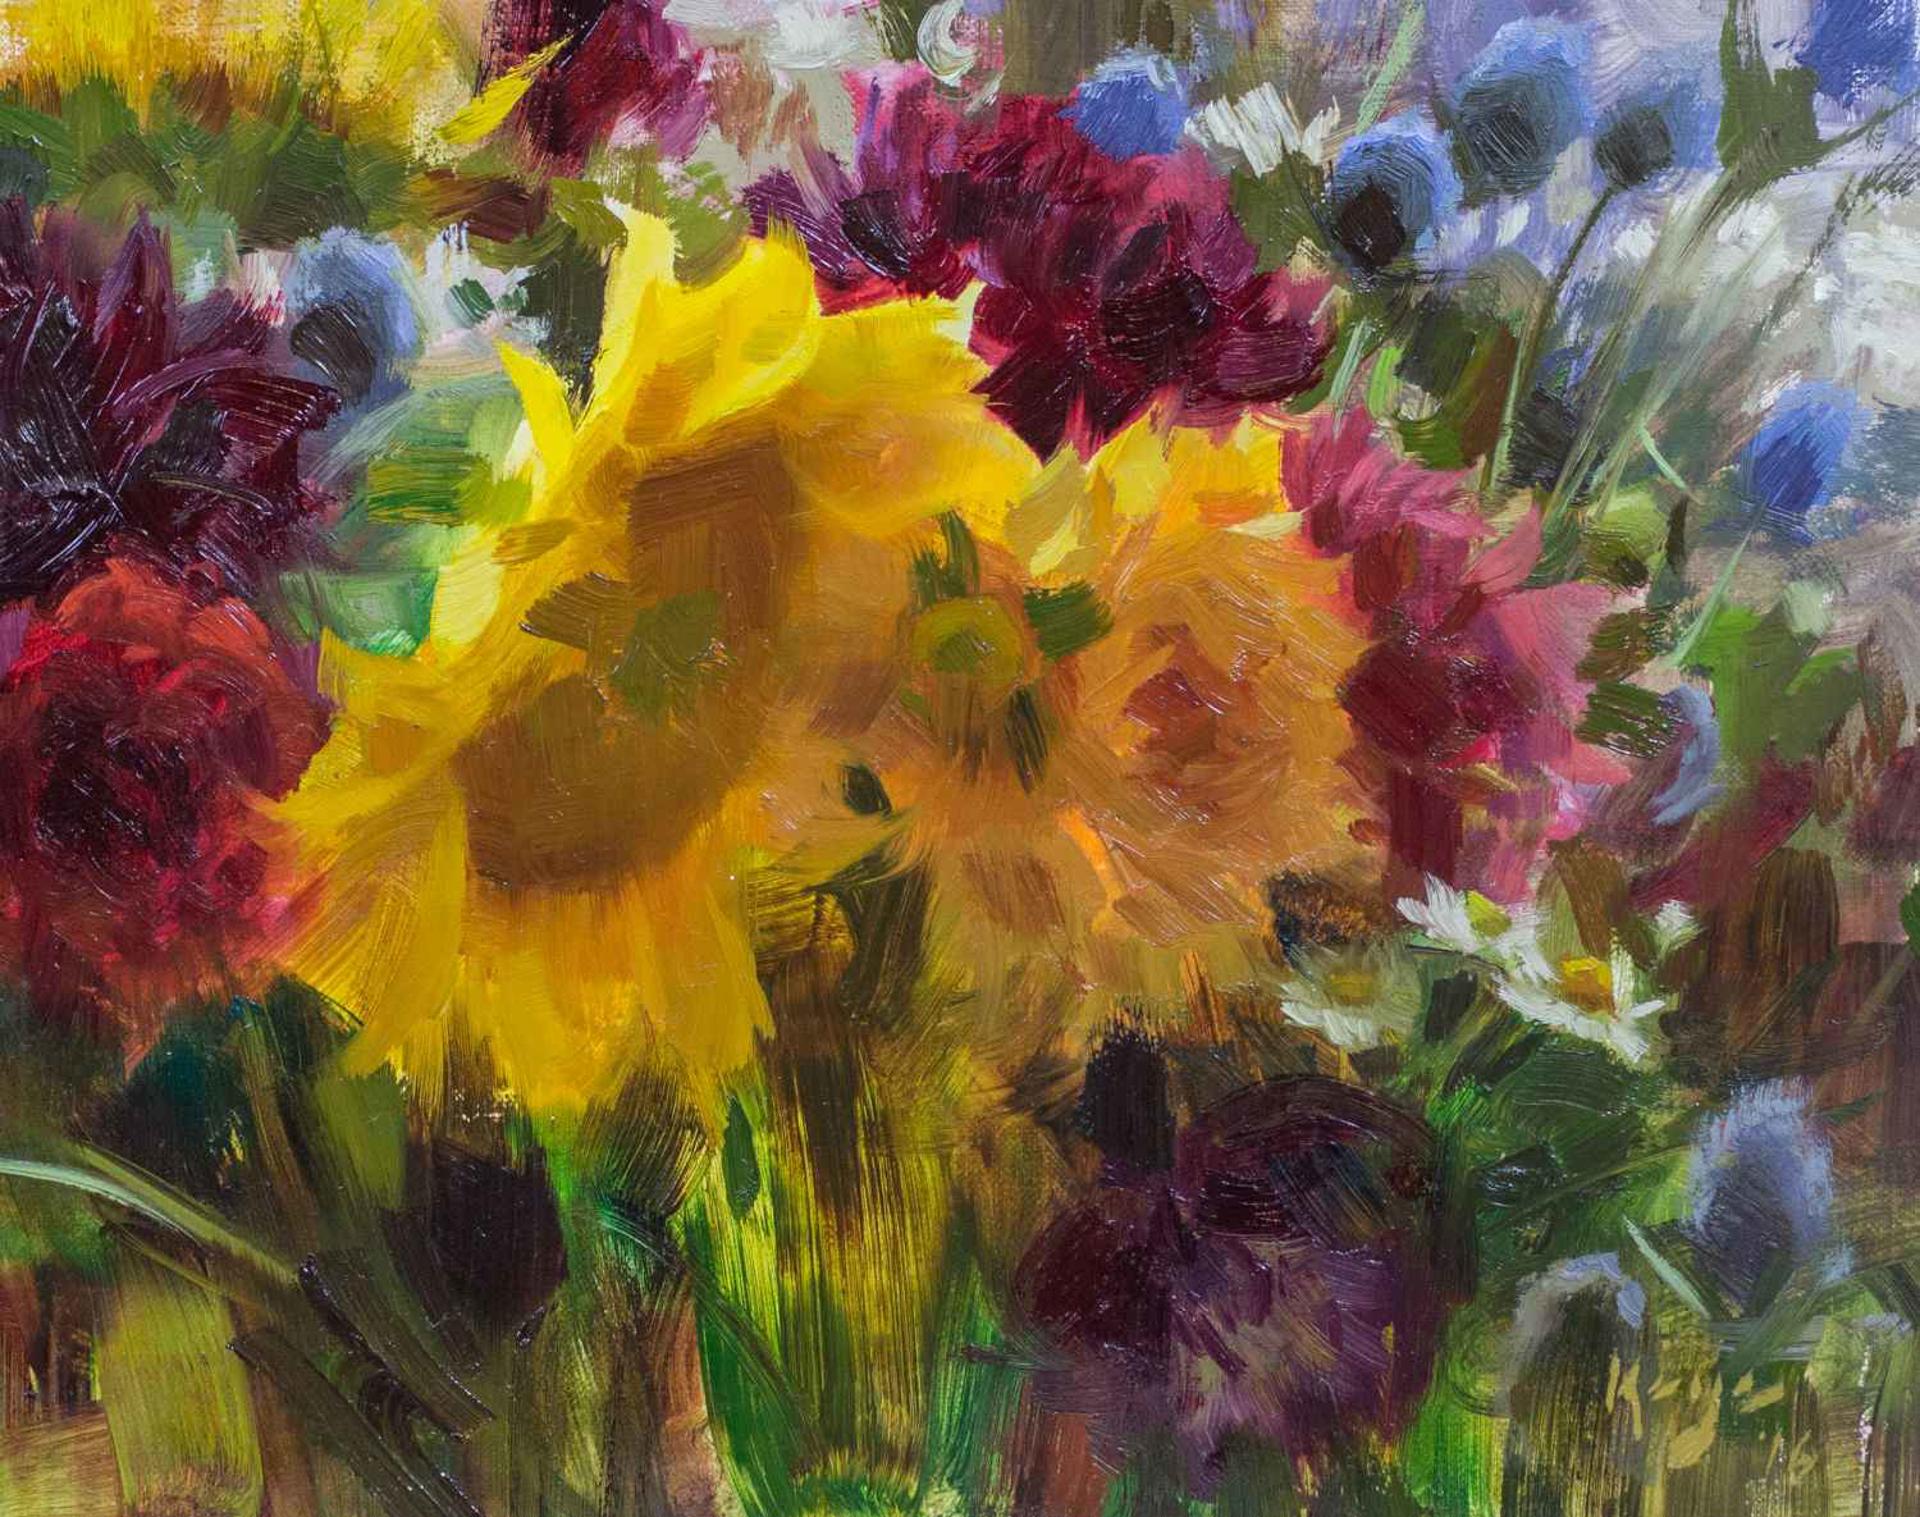 Mixed Flowers by Daniel Keys